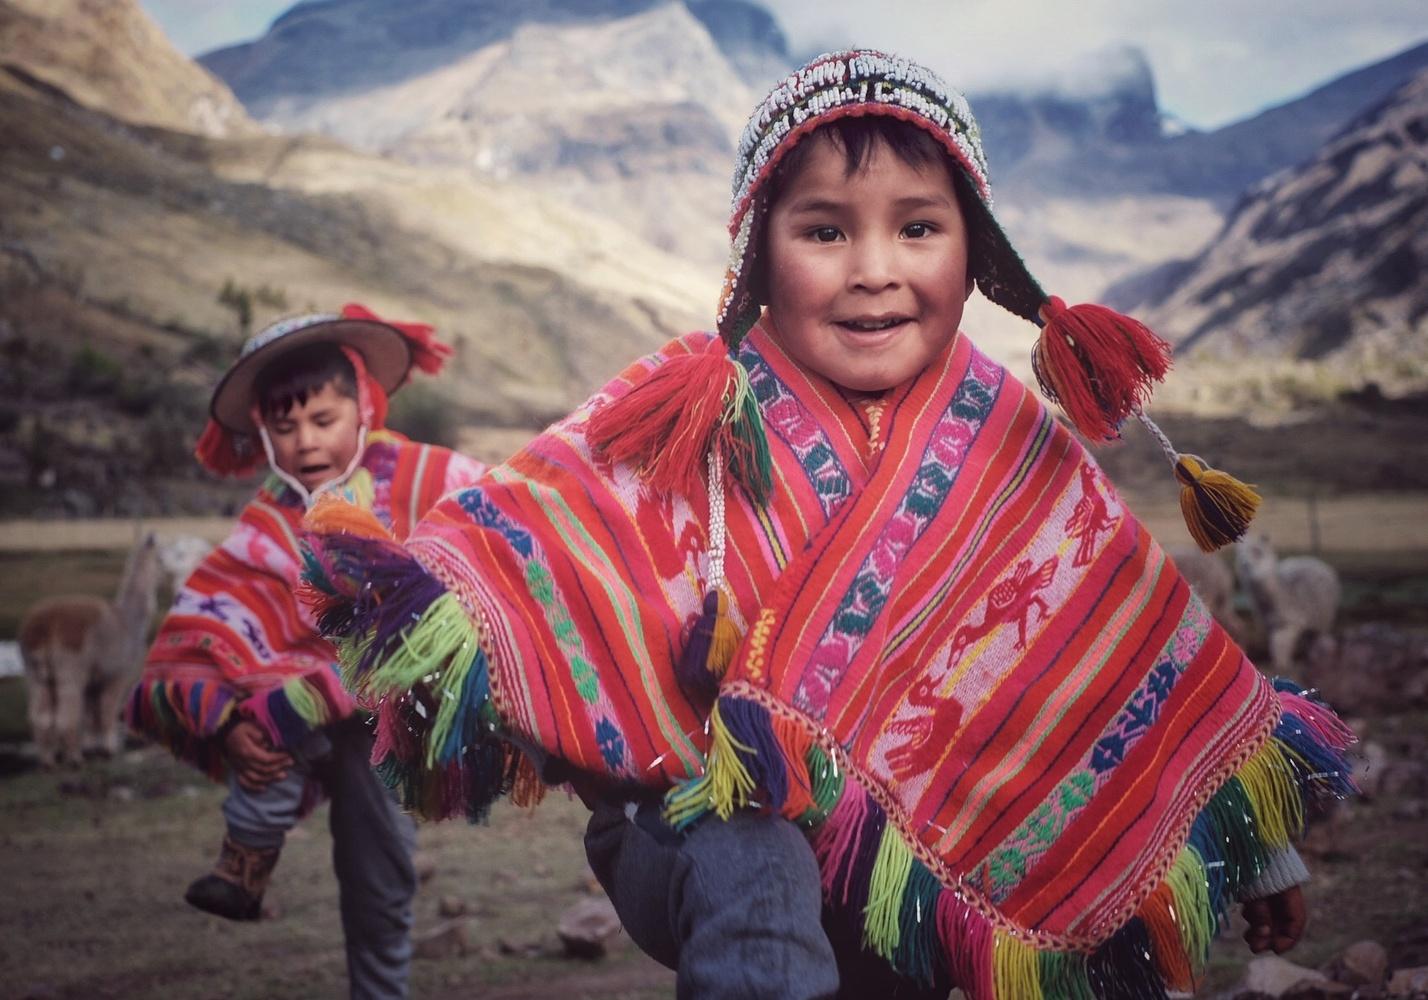 Quechua boys by Pedro Pulido